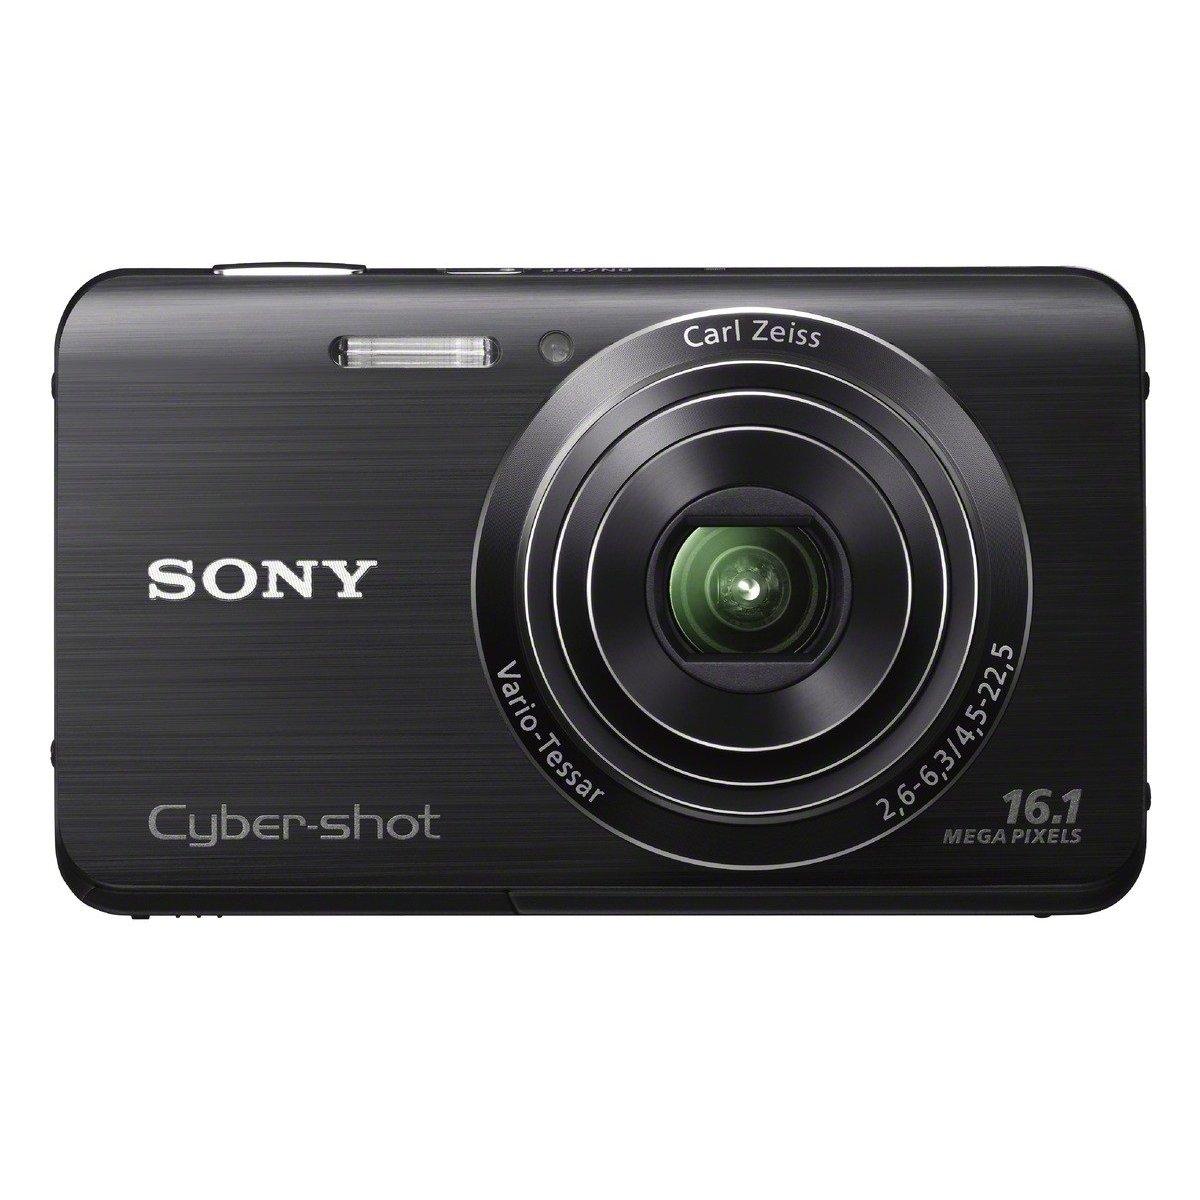 Sony Cyber-Shot DSC-W650